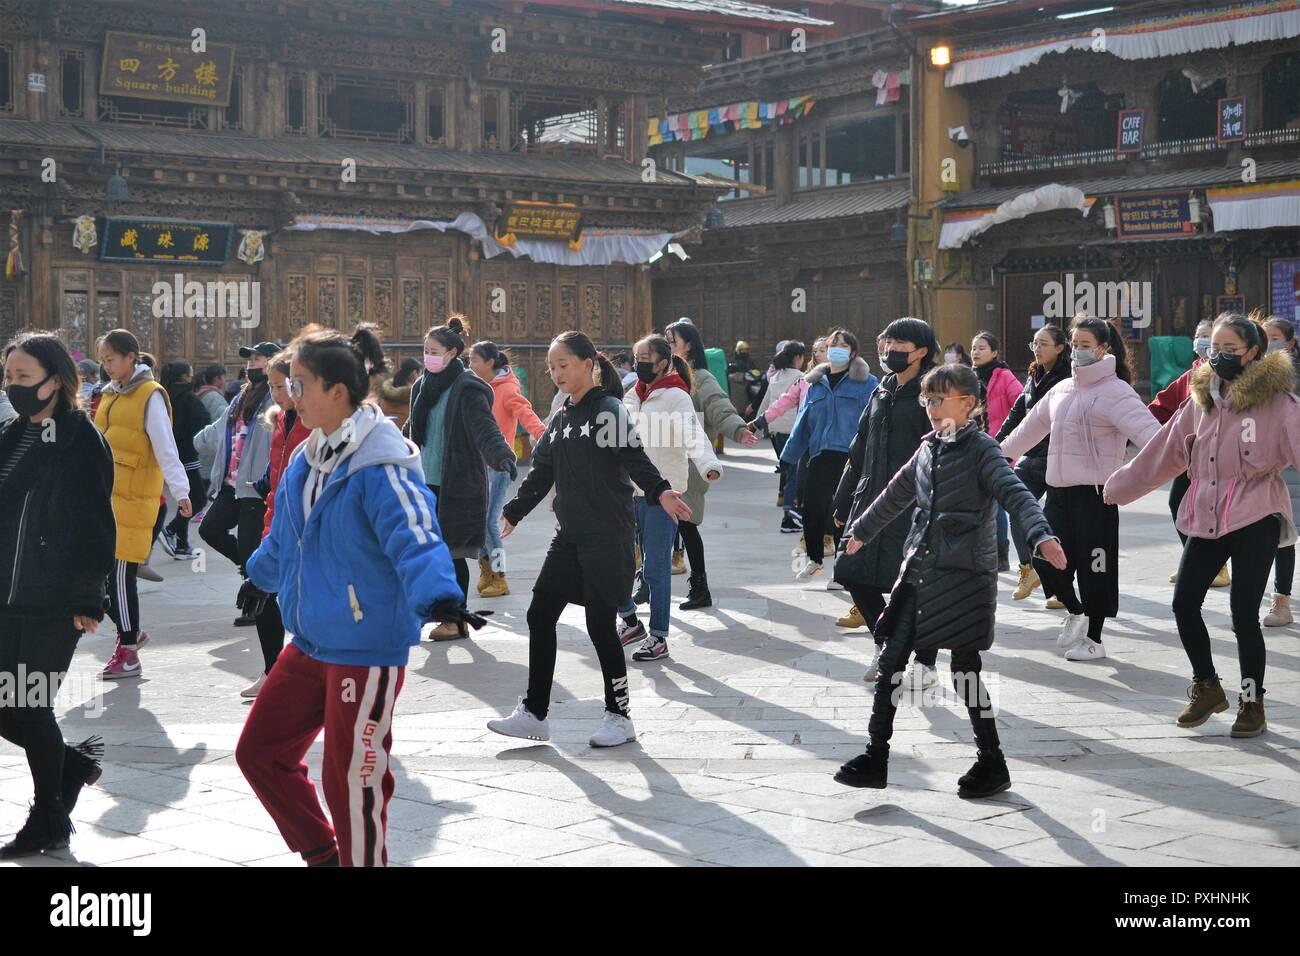 Chinese Tibetan girls dancing in old town Shangri La, Xianggelila, Yunnan, China - Stock Image